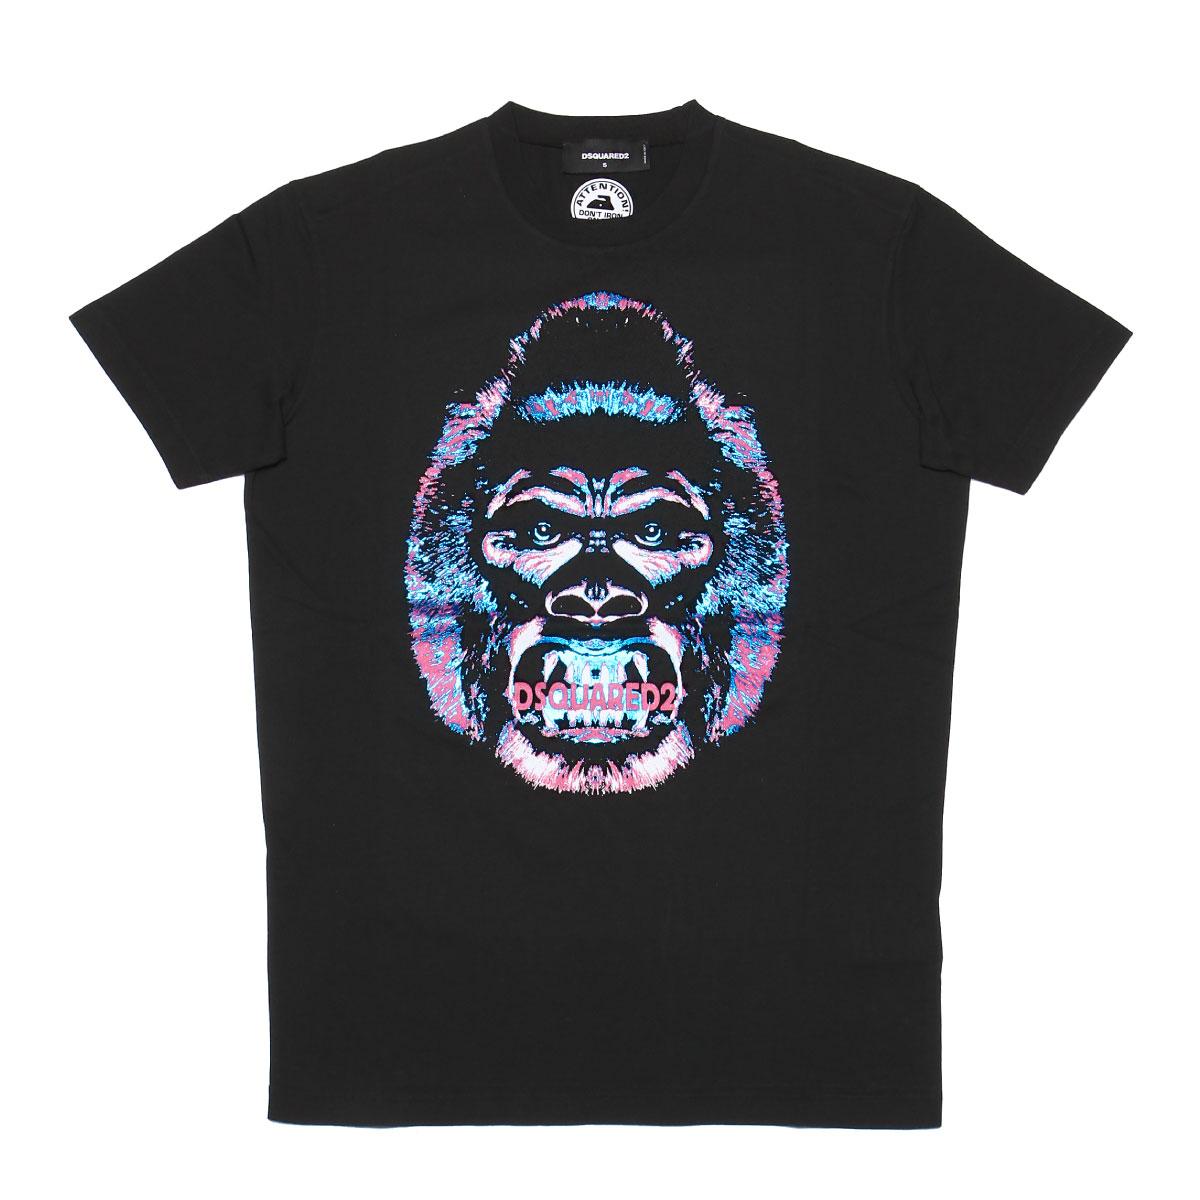 ディースクエアード DSQUARED 2 Tシャツ メンズ S71GD0629 S22427 900 半袖Tシャツ BLACK ブラック